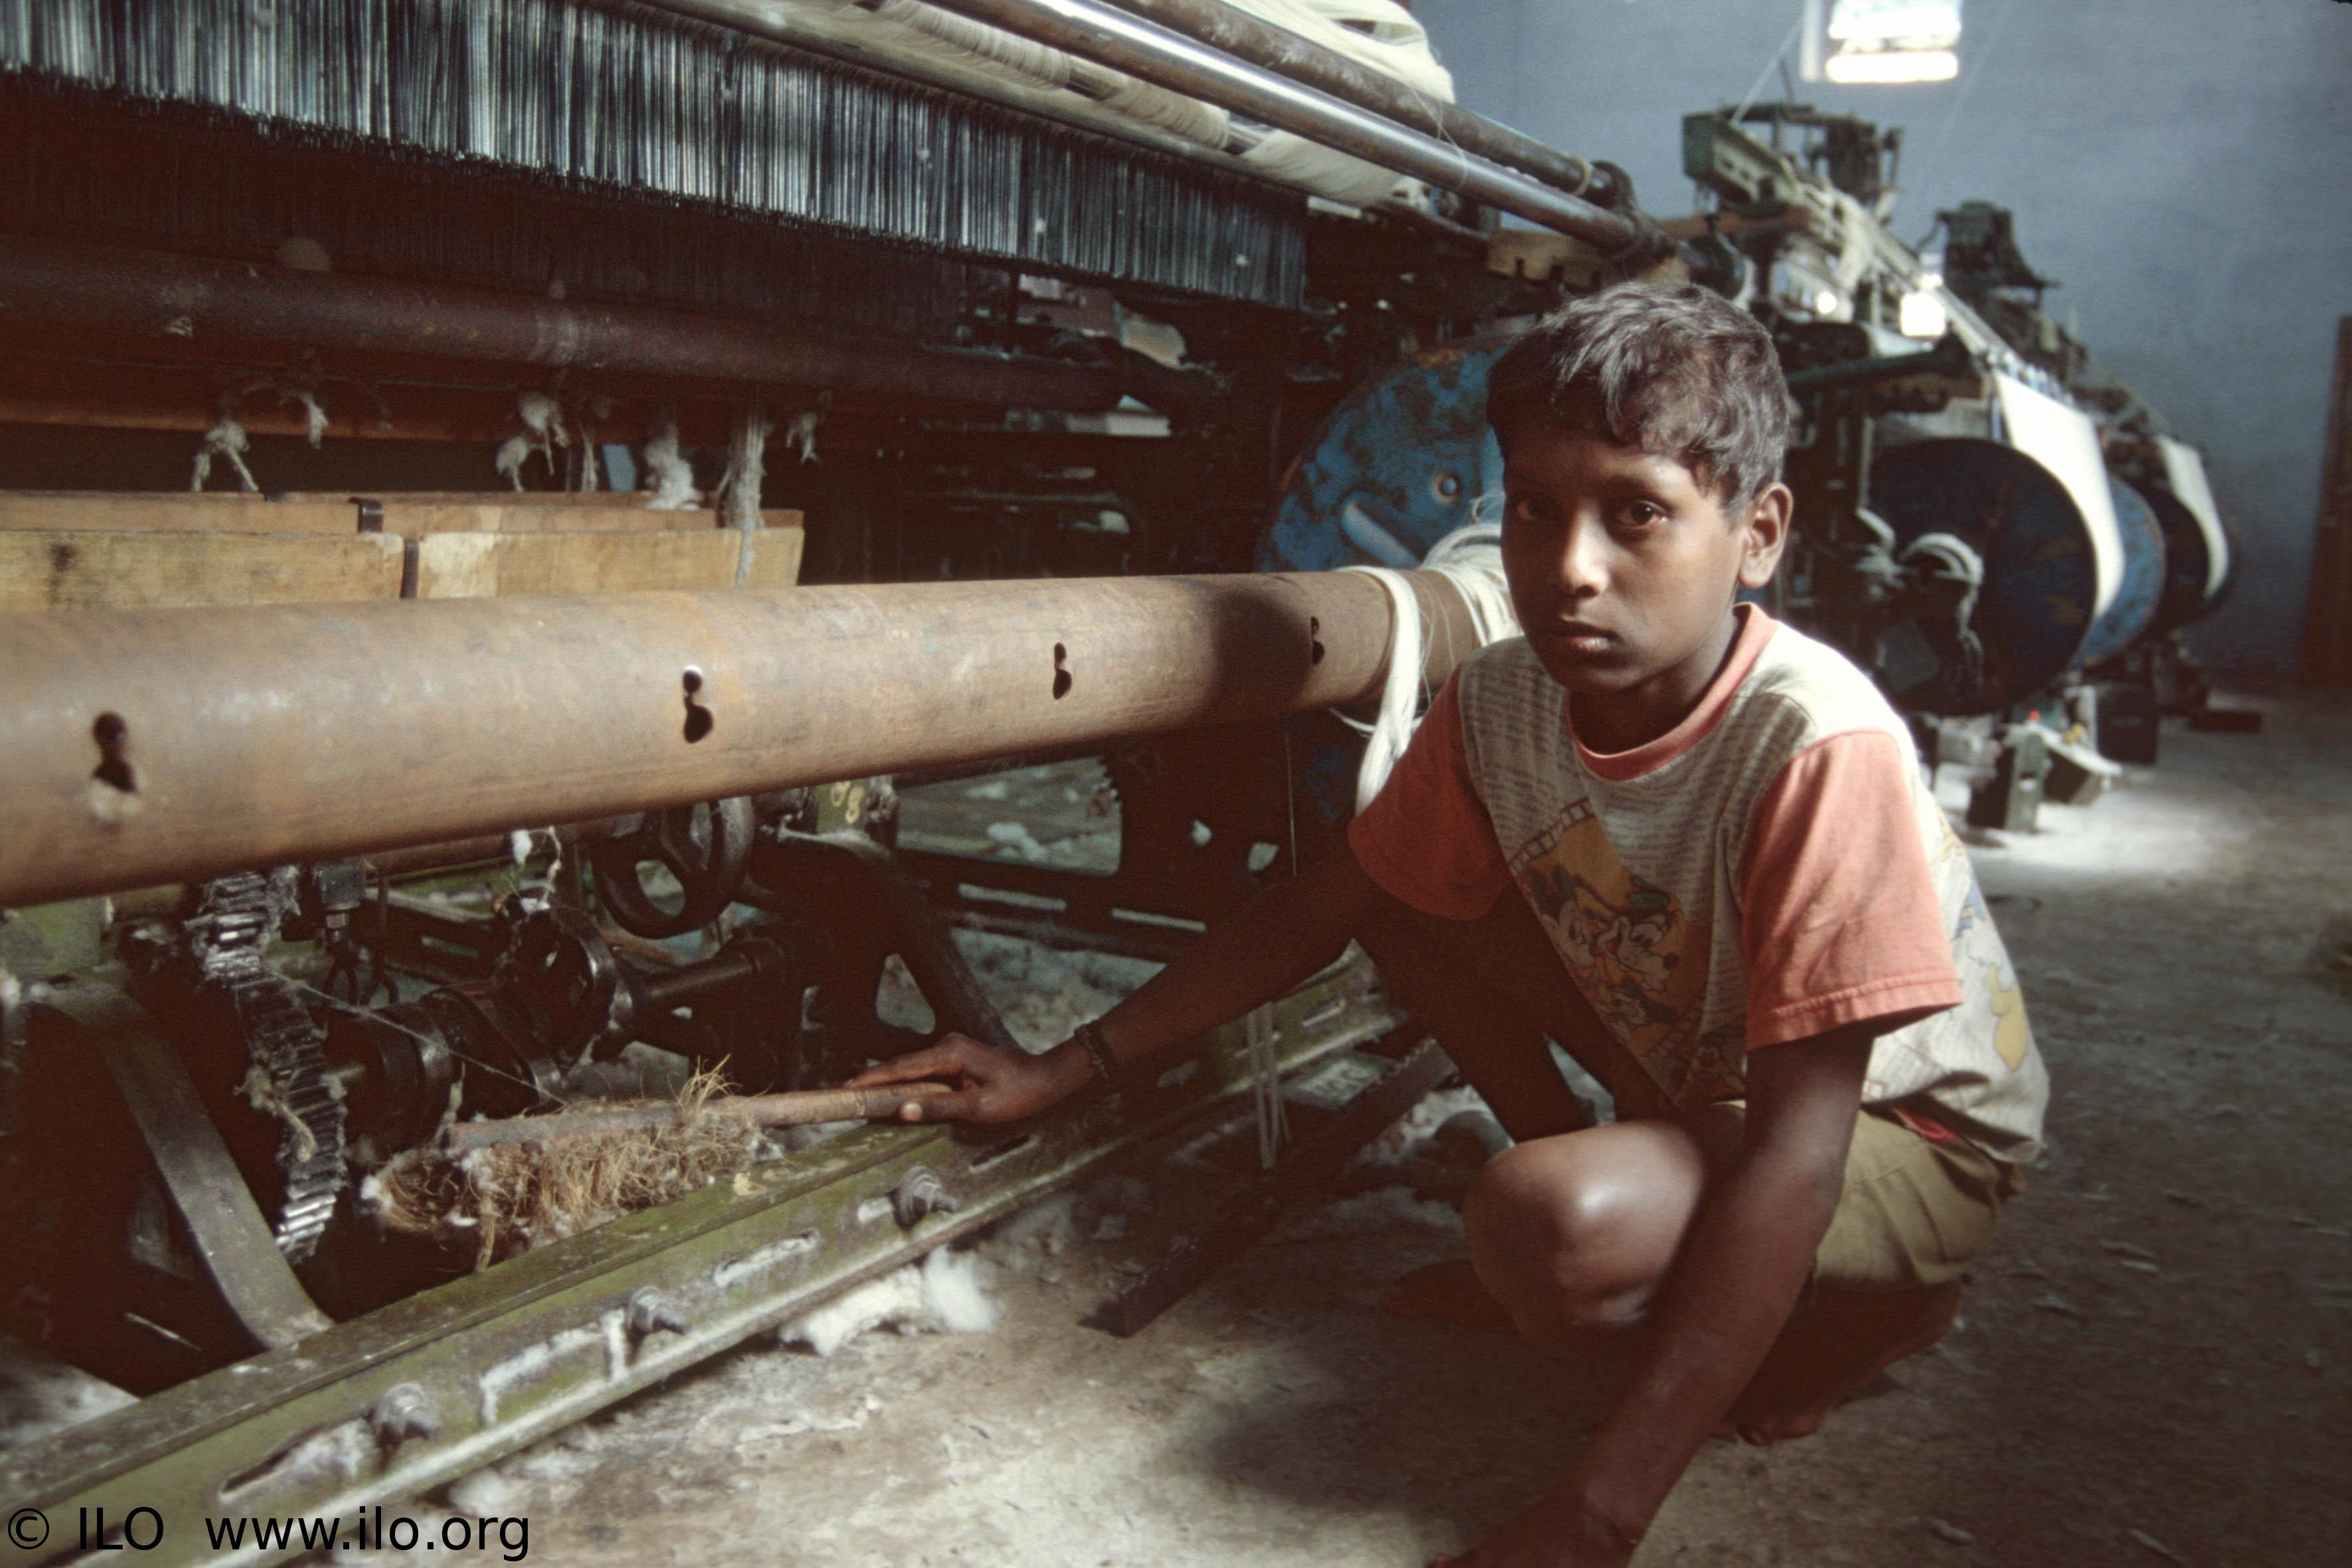 Sömürü düzeninin eseri: Mülteci çocuklar 3,5 liraya çalıştırılıyor